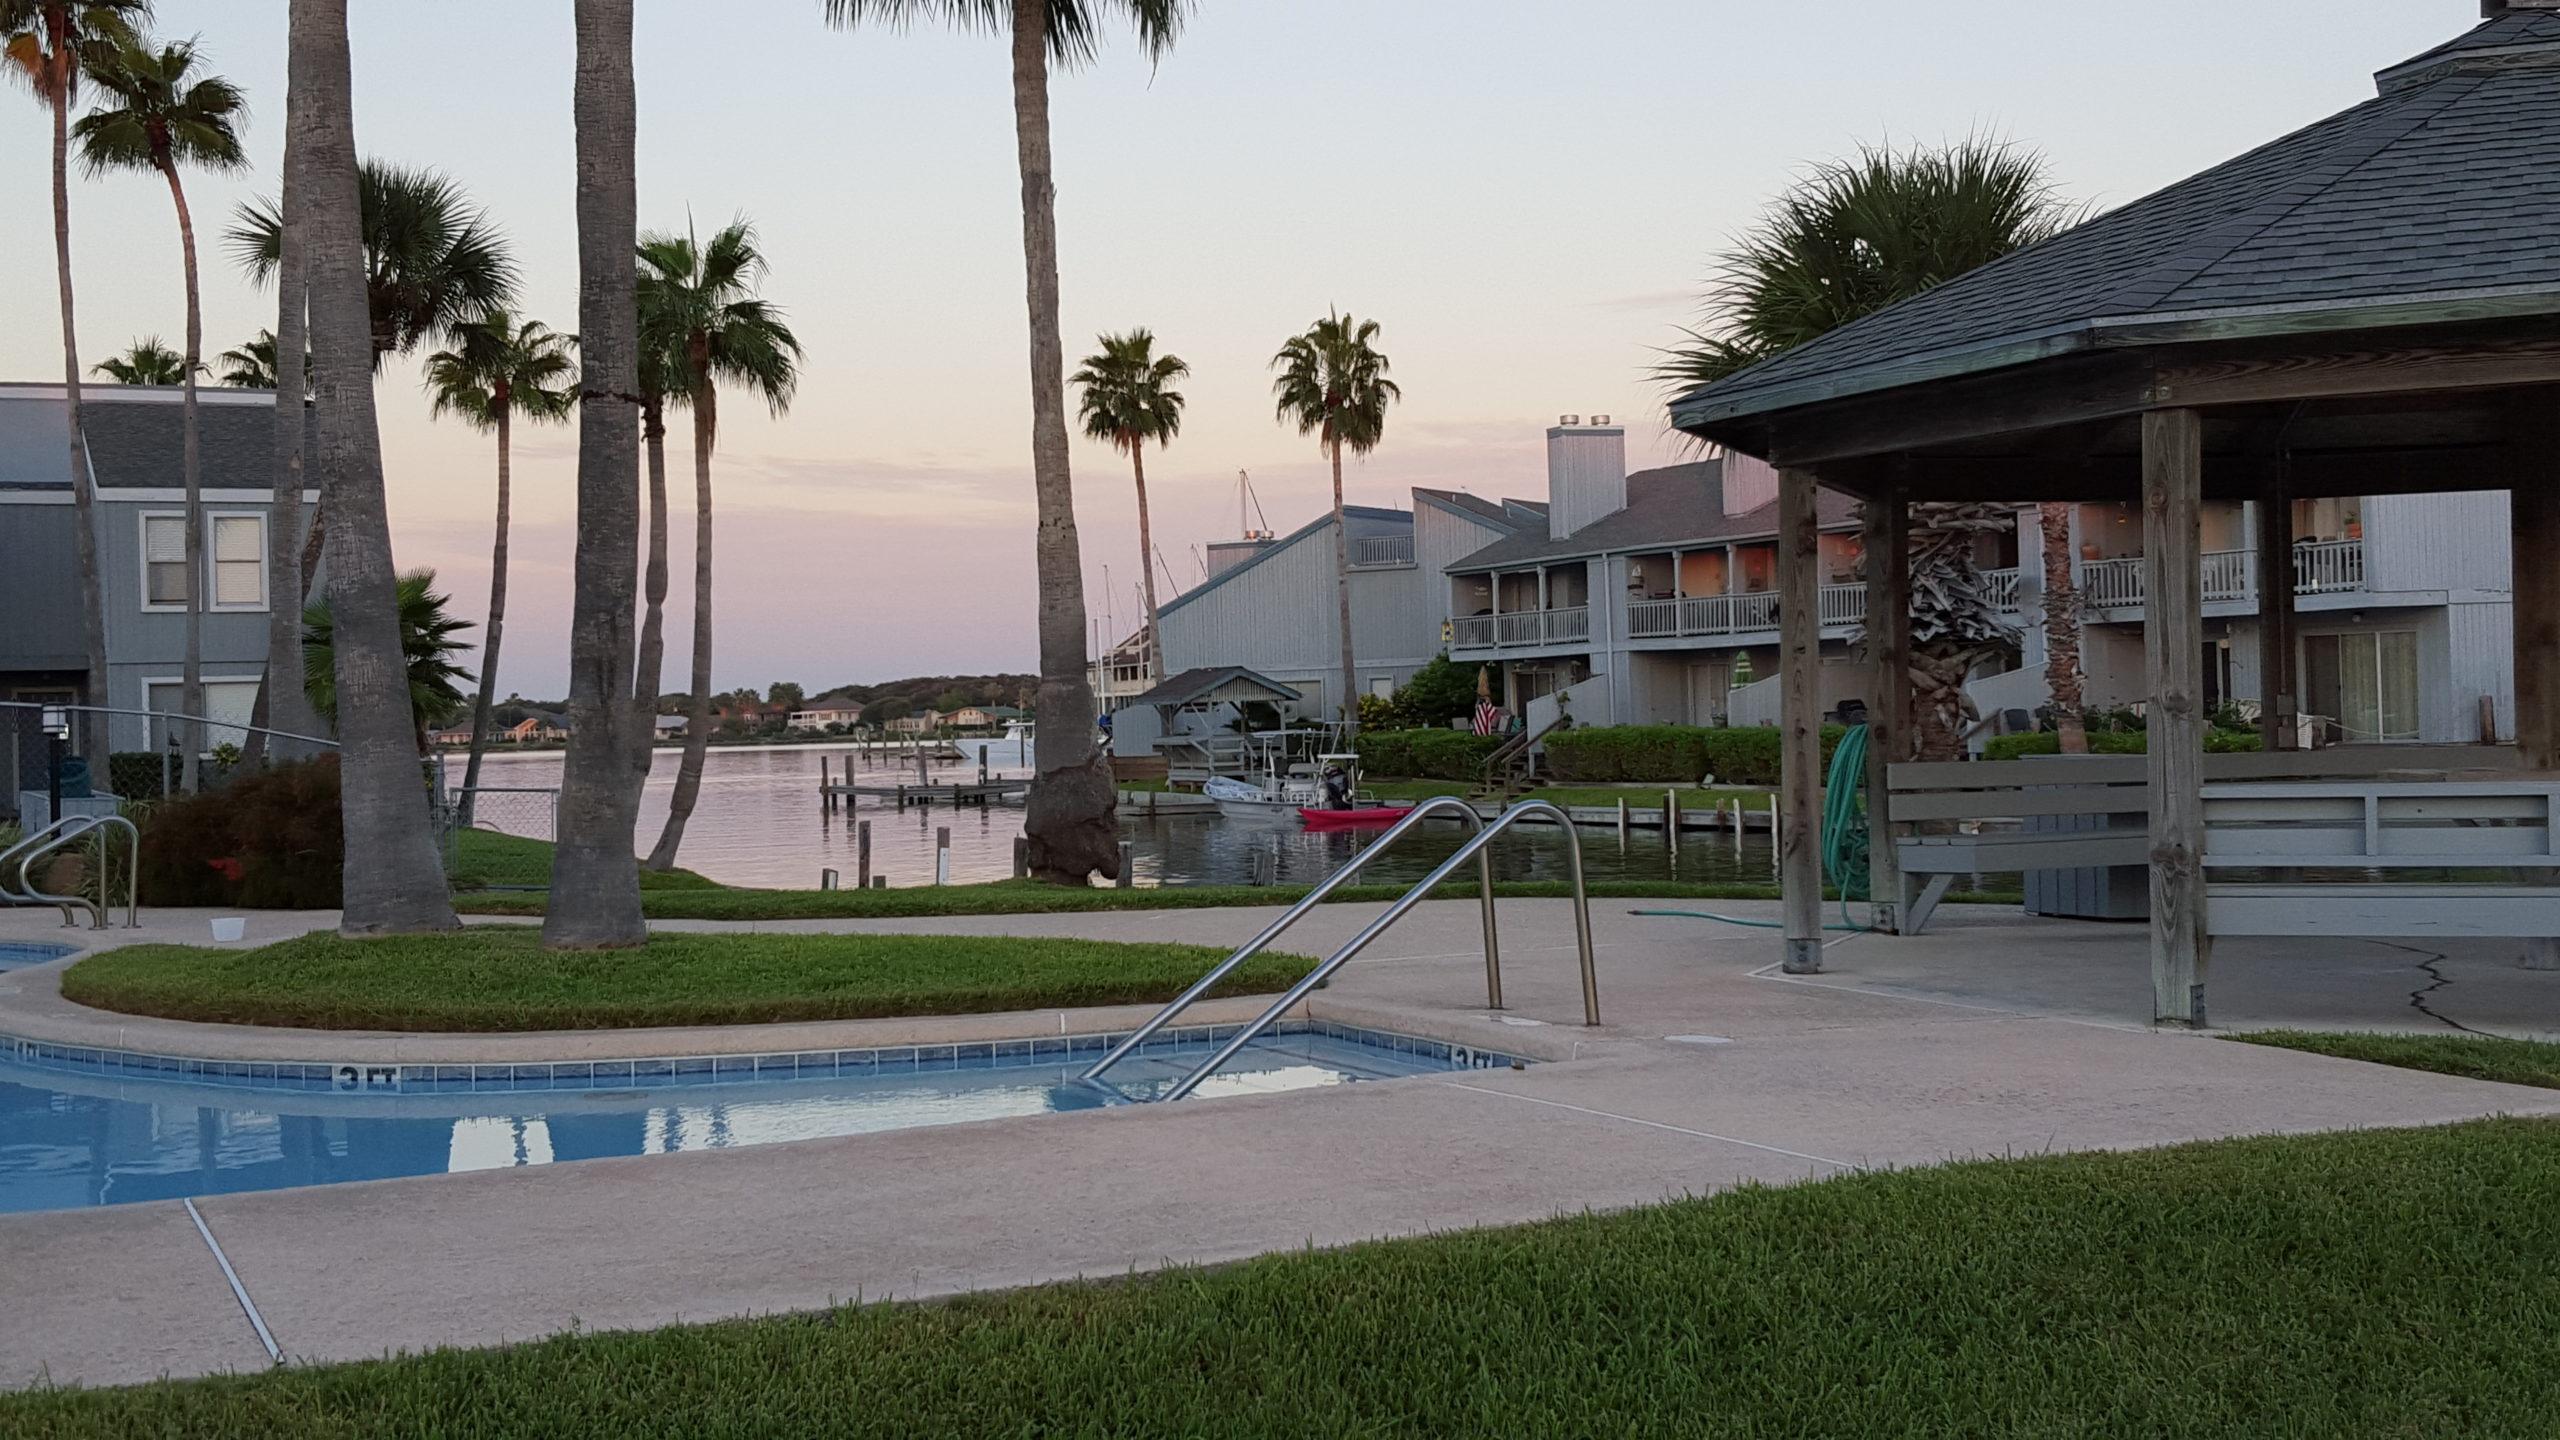 Key Allegro Condo Private Pool and Cabana